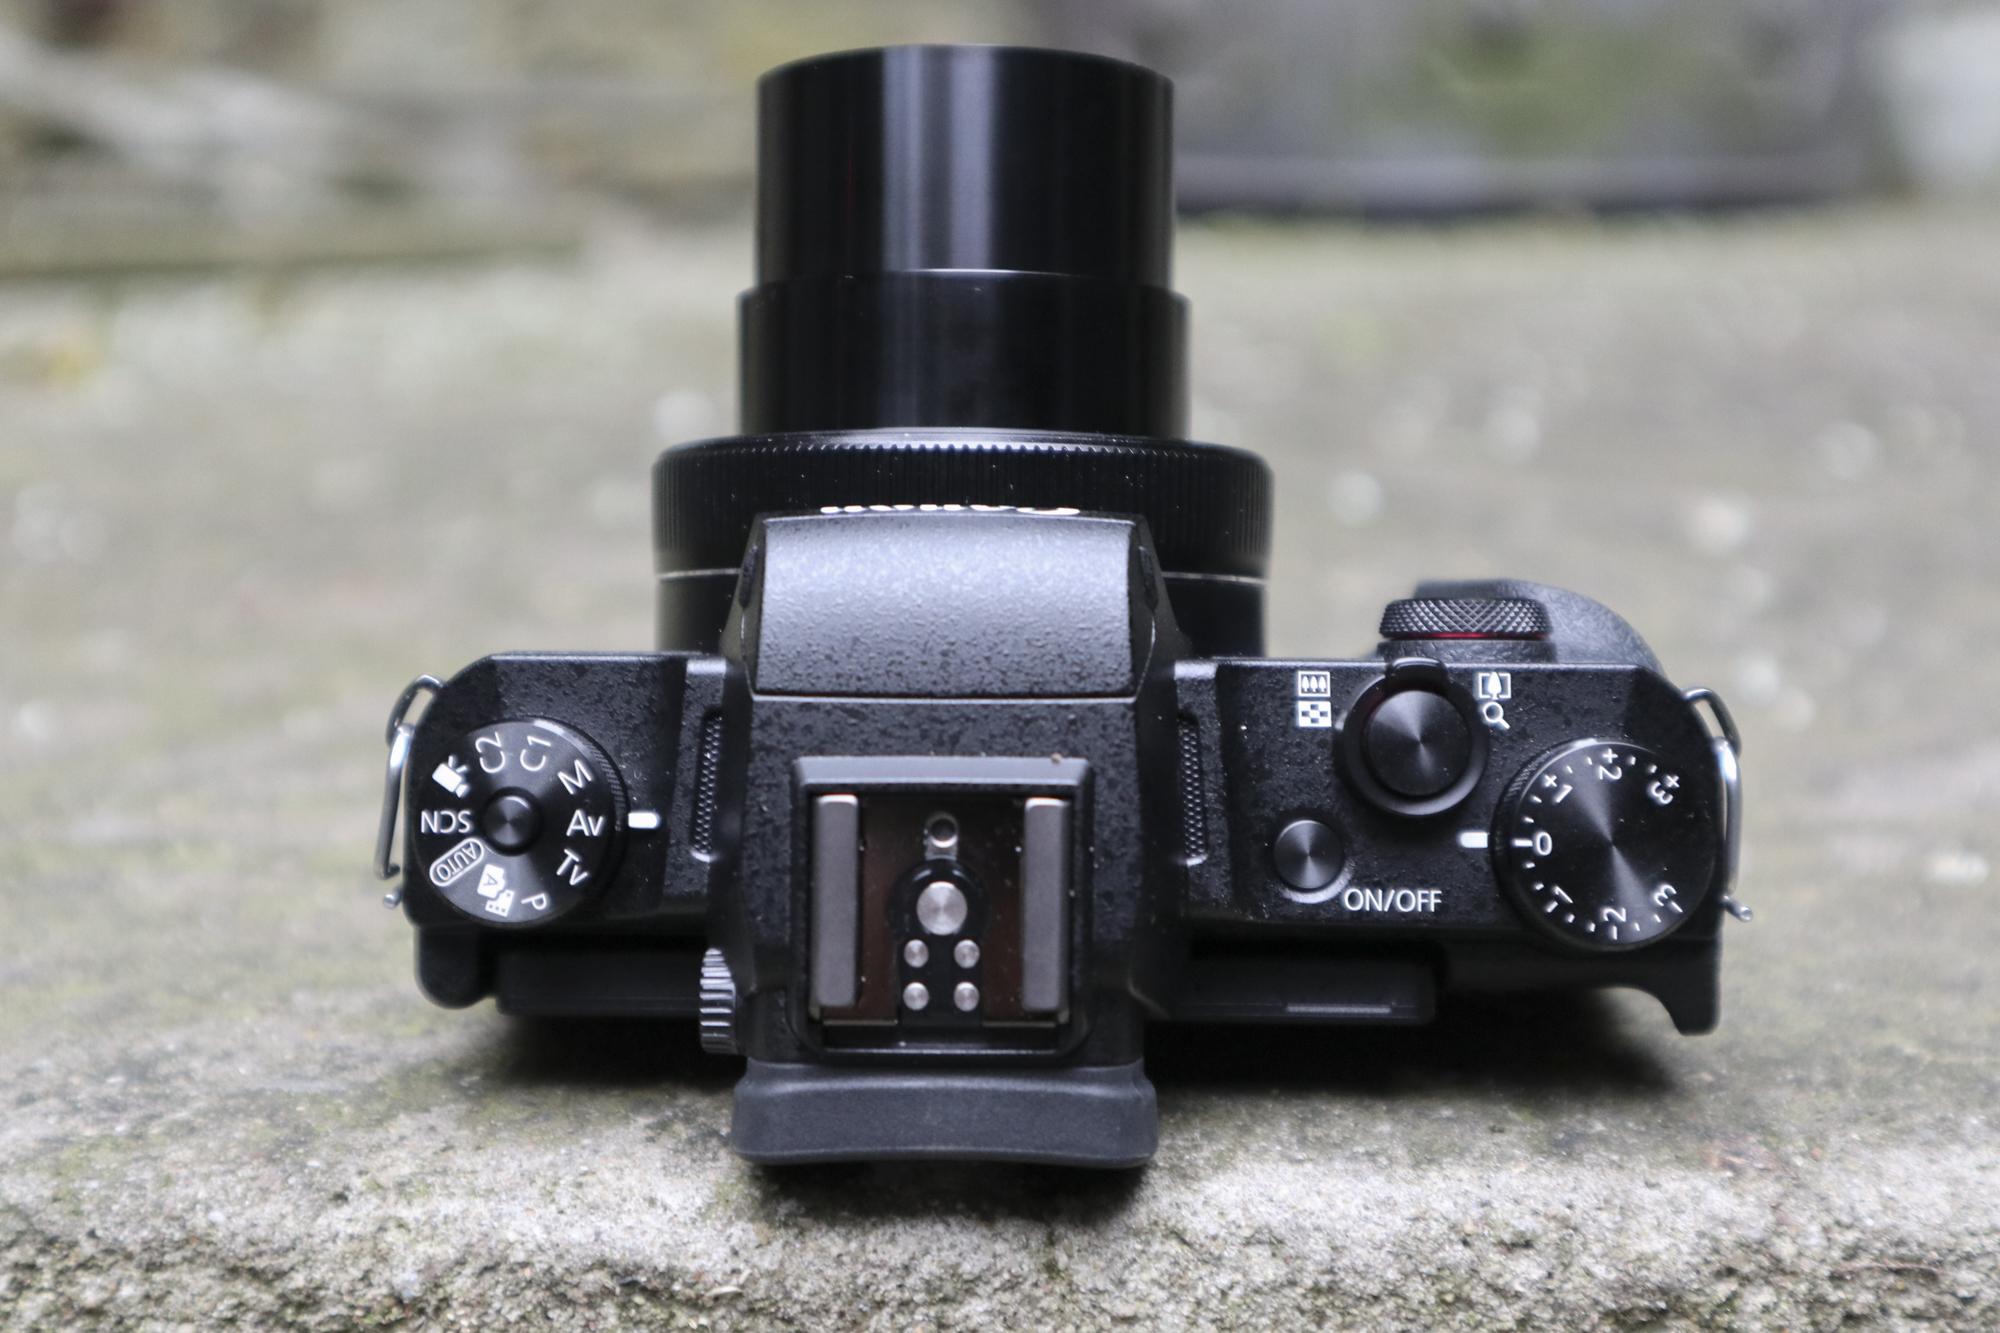 canon powershot g1x iii product images 05.jpg